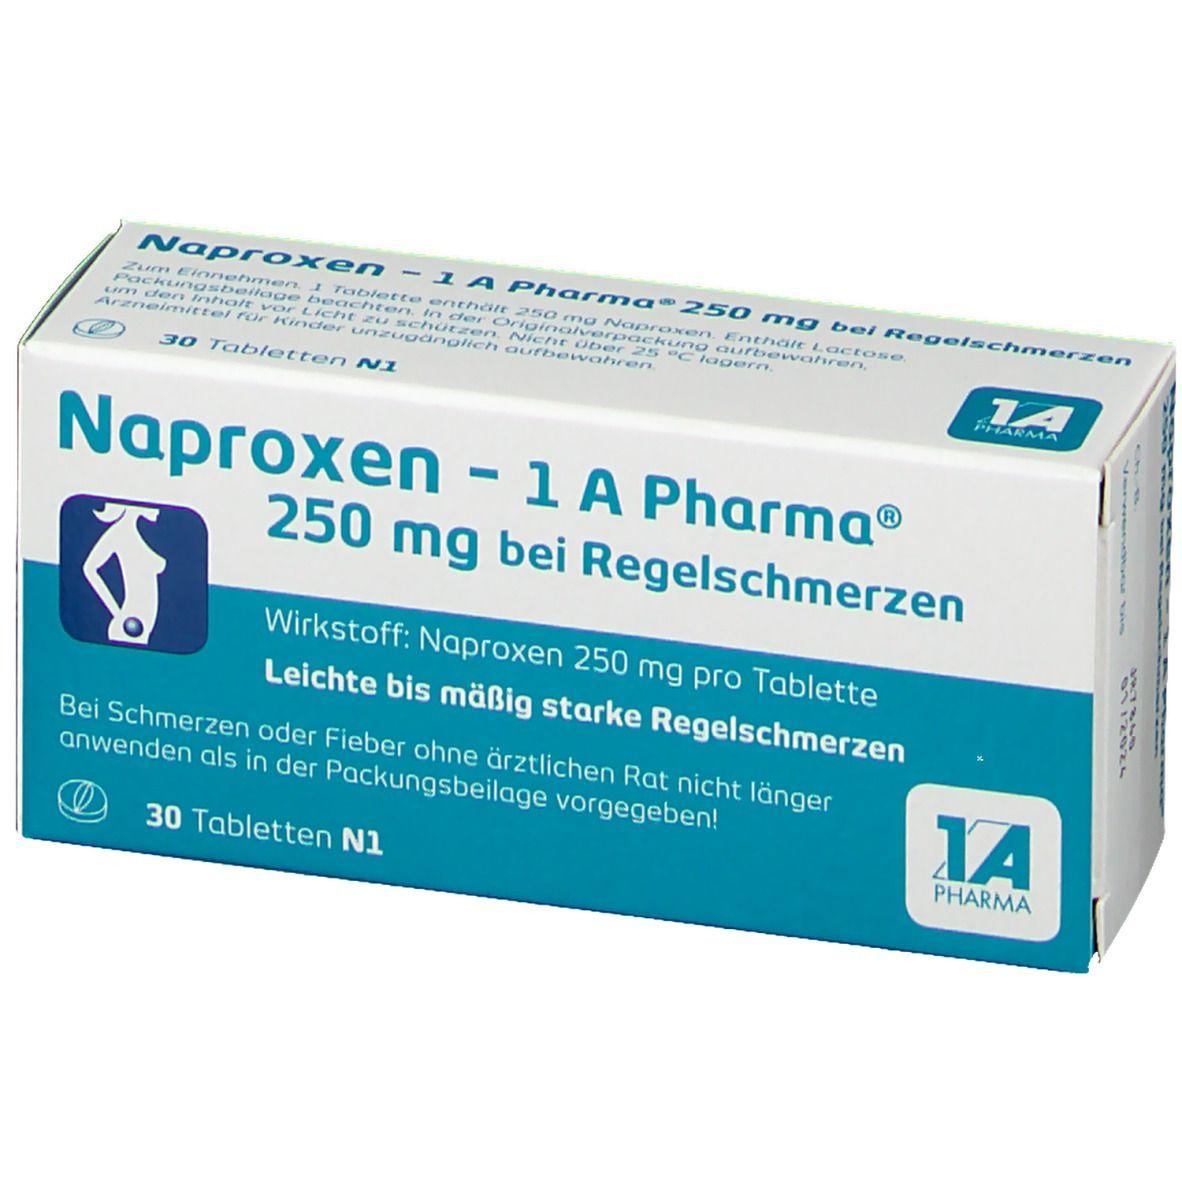 Naproxen - 1 A Pharma® 250 mg bei Regelschmerzen